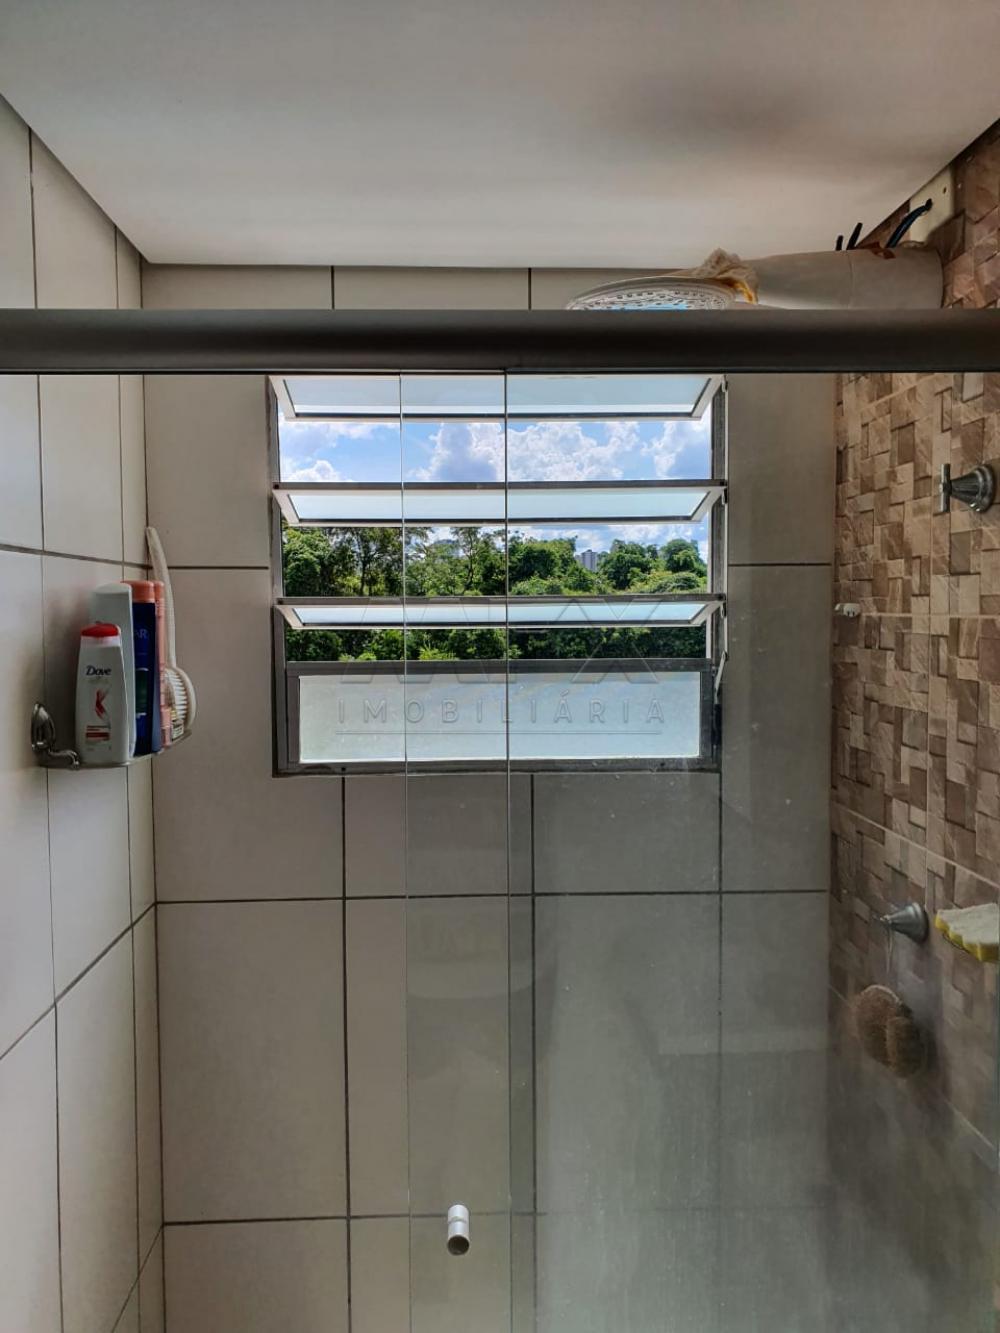 Alugar Apartamento / Padrão em Bauru R$ 900,00 - Foto 23